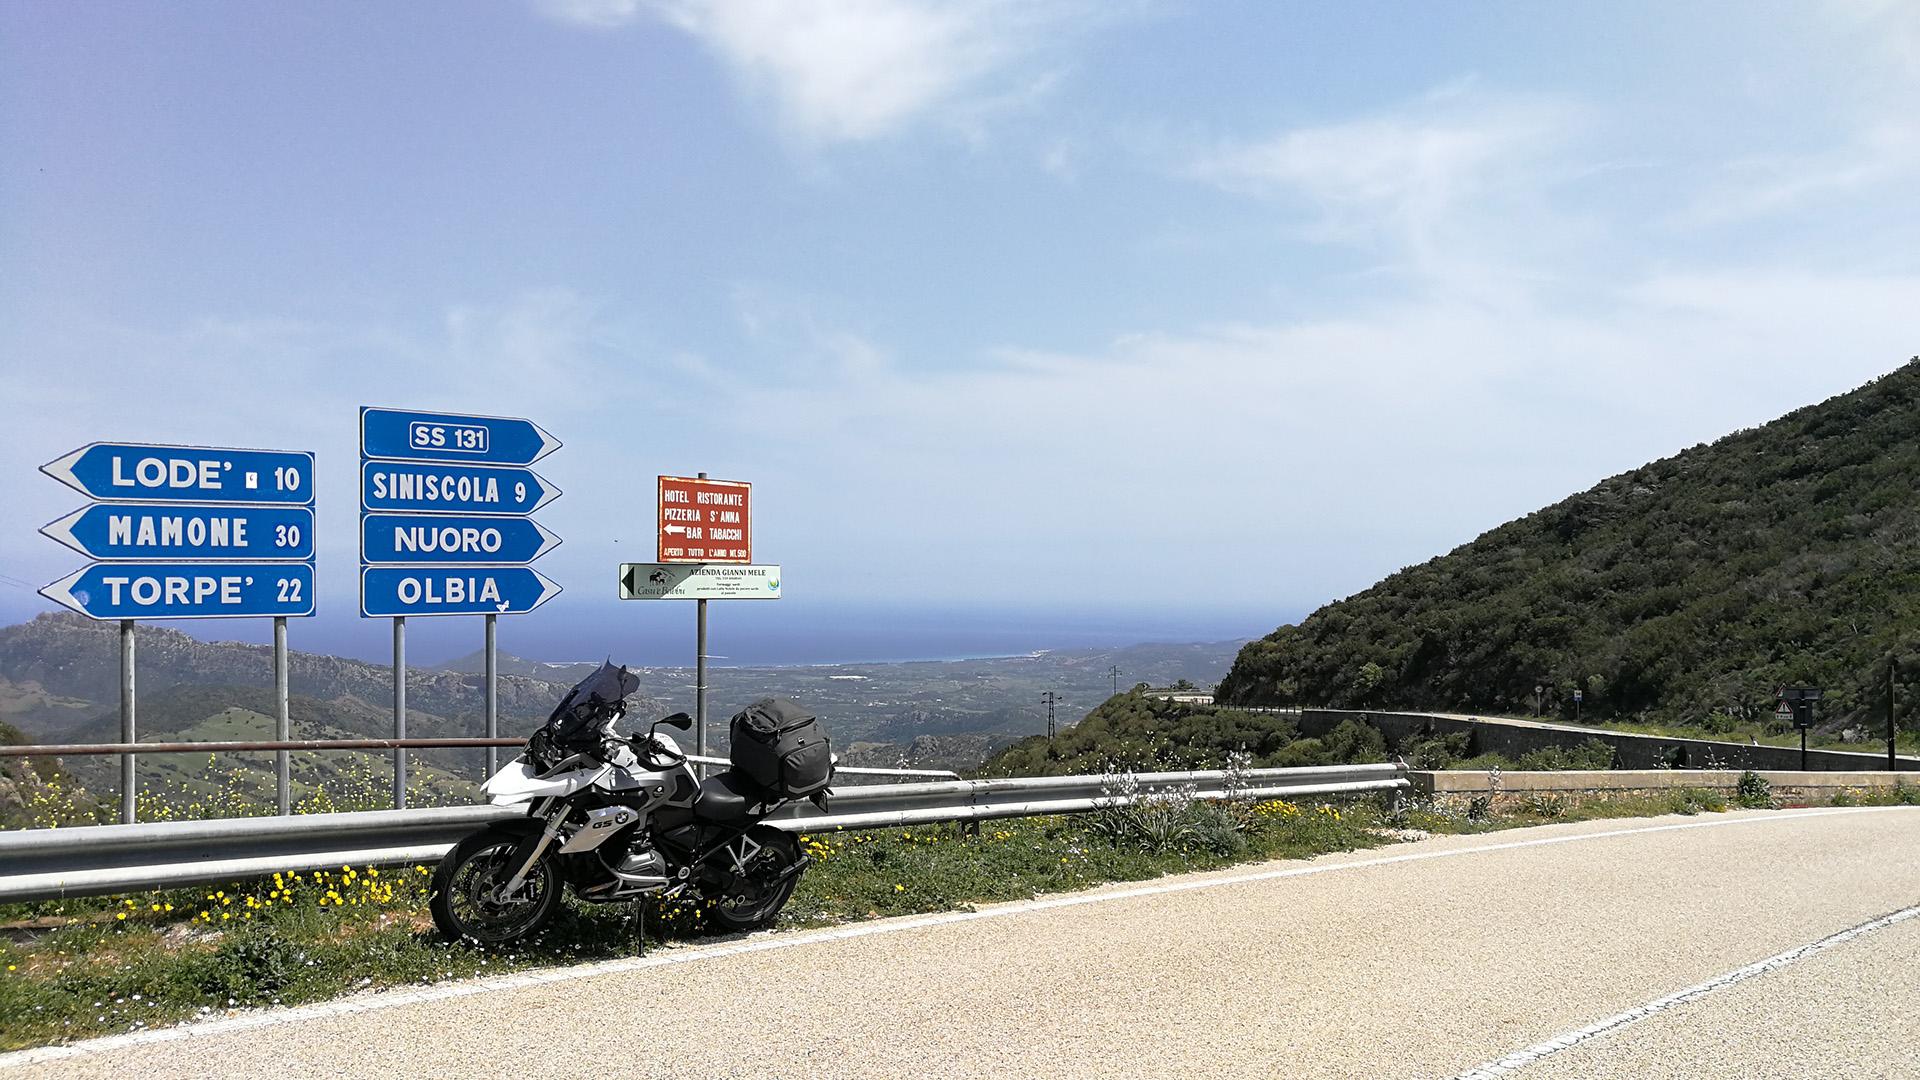 0623 - I (Sardegna) - Passo Sant'Anna